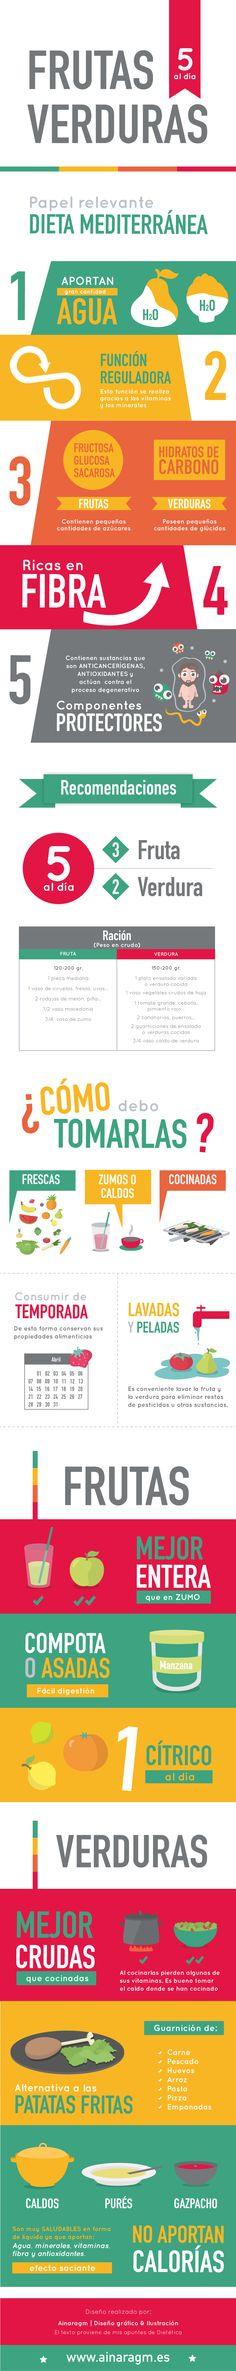 Infografía sobre la importancia de las frutas y las verduras en nuestra alimentación #dieta #dietetica #salud #infografia #diseno #ilustracion